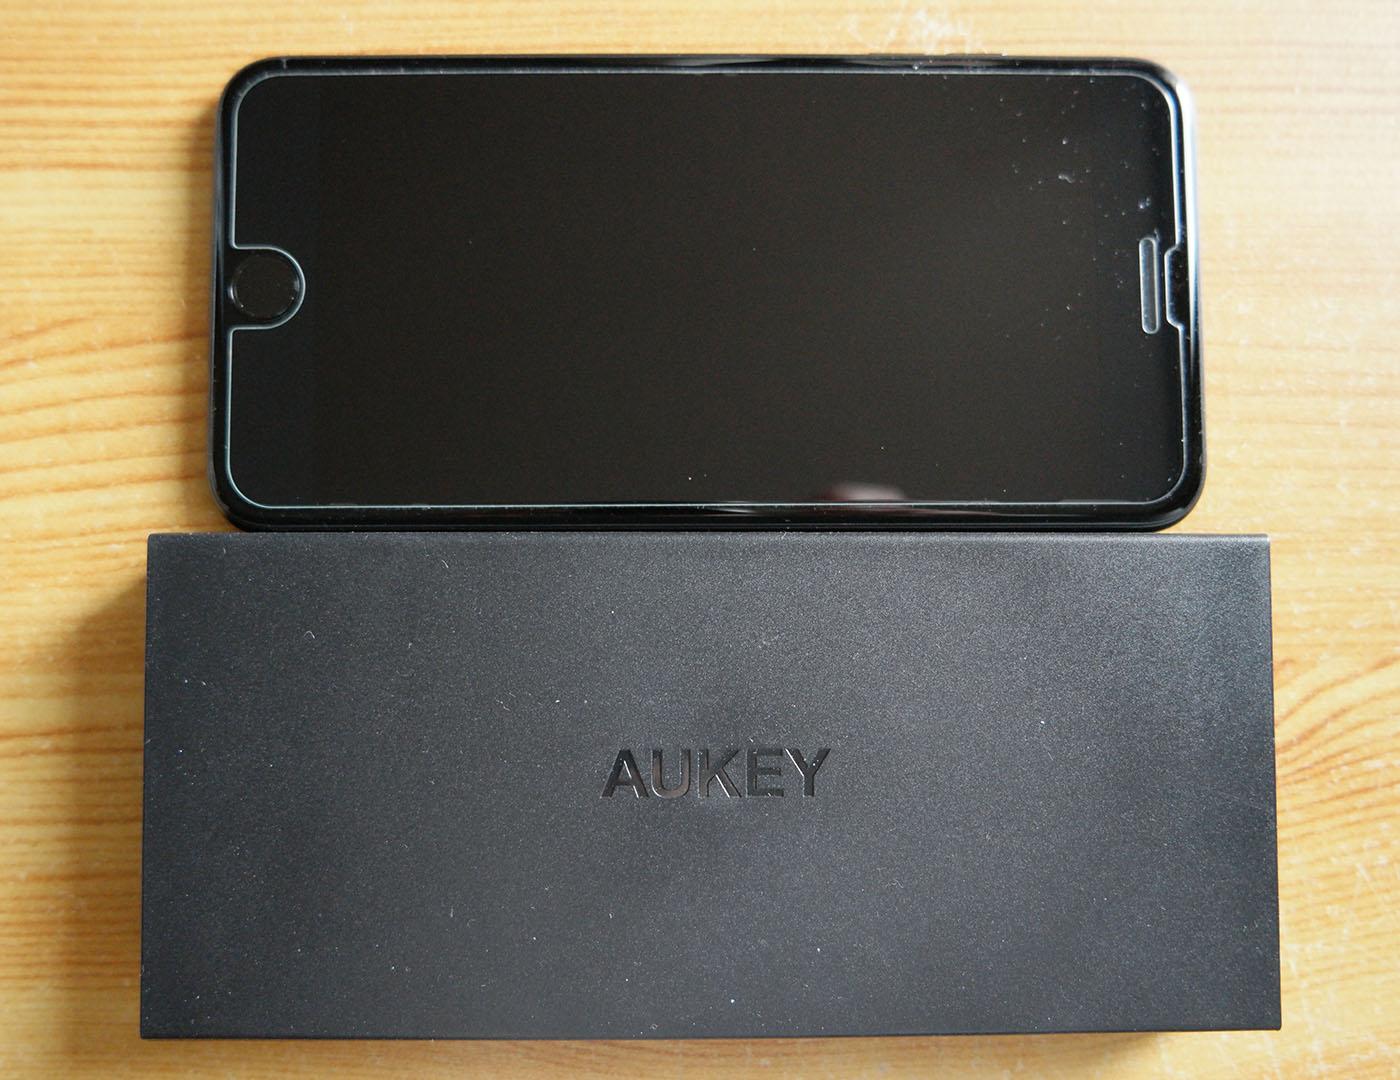 Batterie avec un iPhone 7 Plus